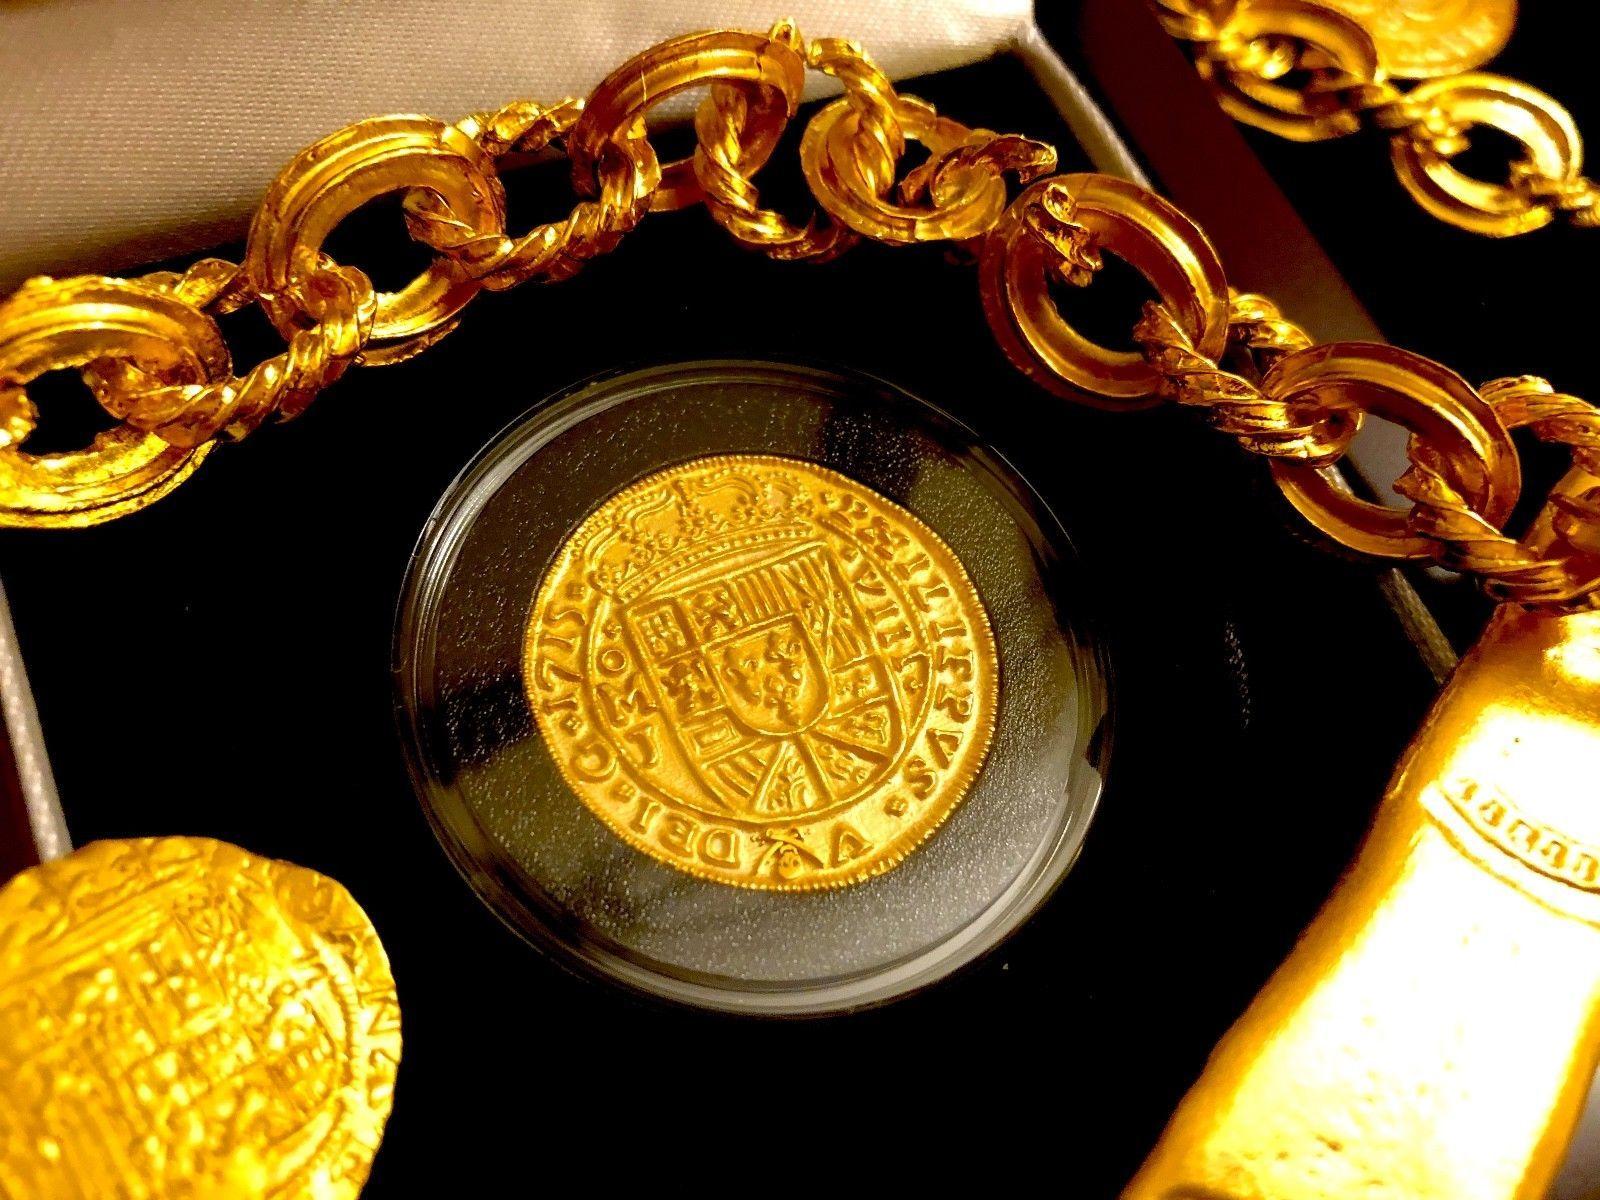 ROYAL EMERALDS MEXICO 1715 FLEET 8 ESCUDOS GOLD PLT DOUBLOON TREASURE COIN